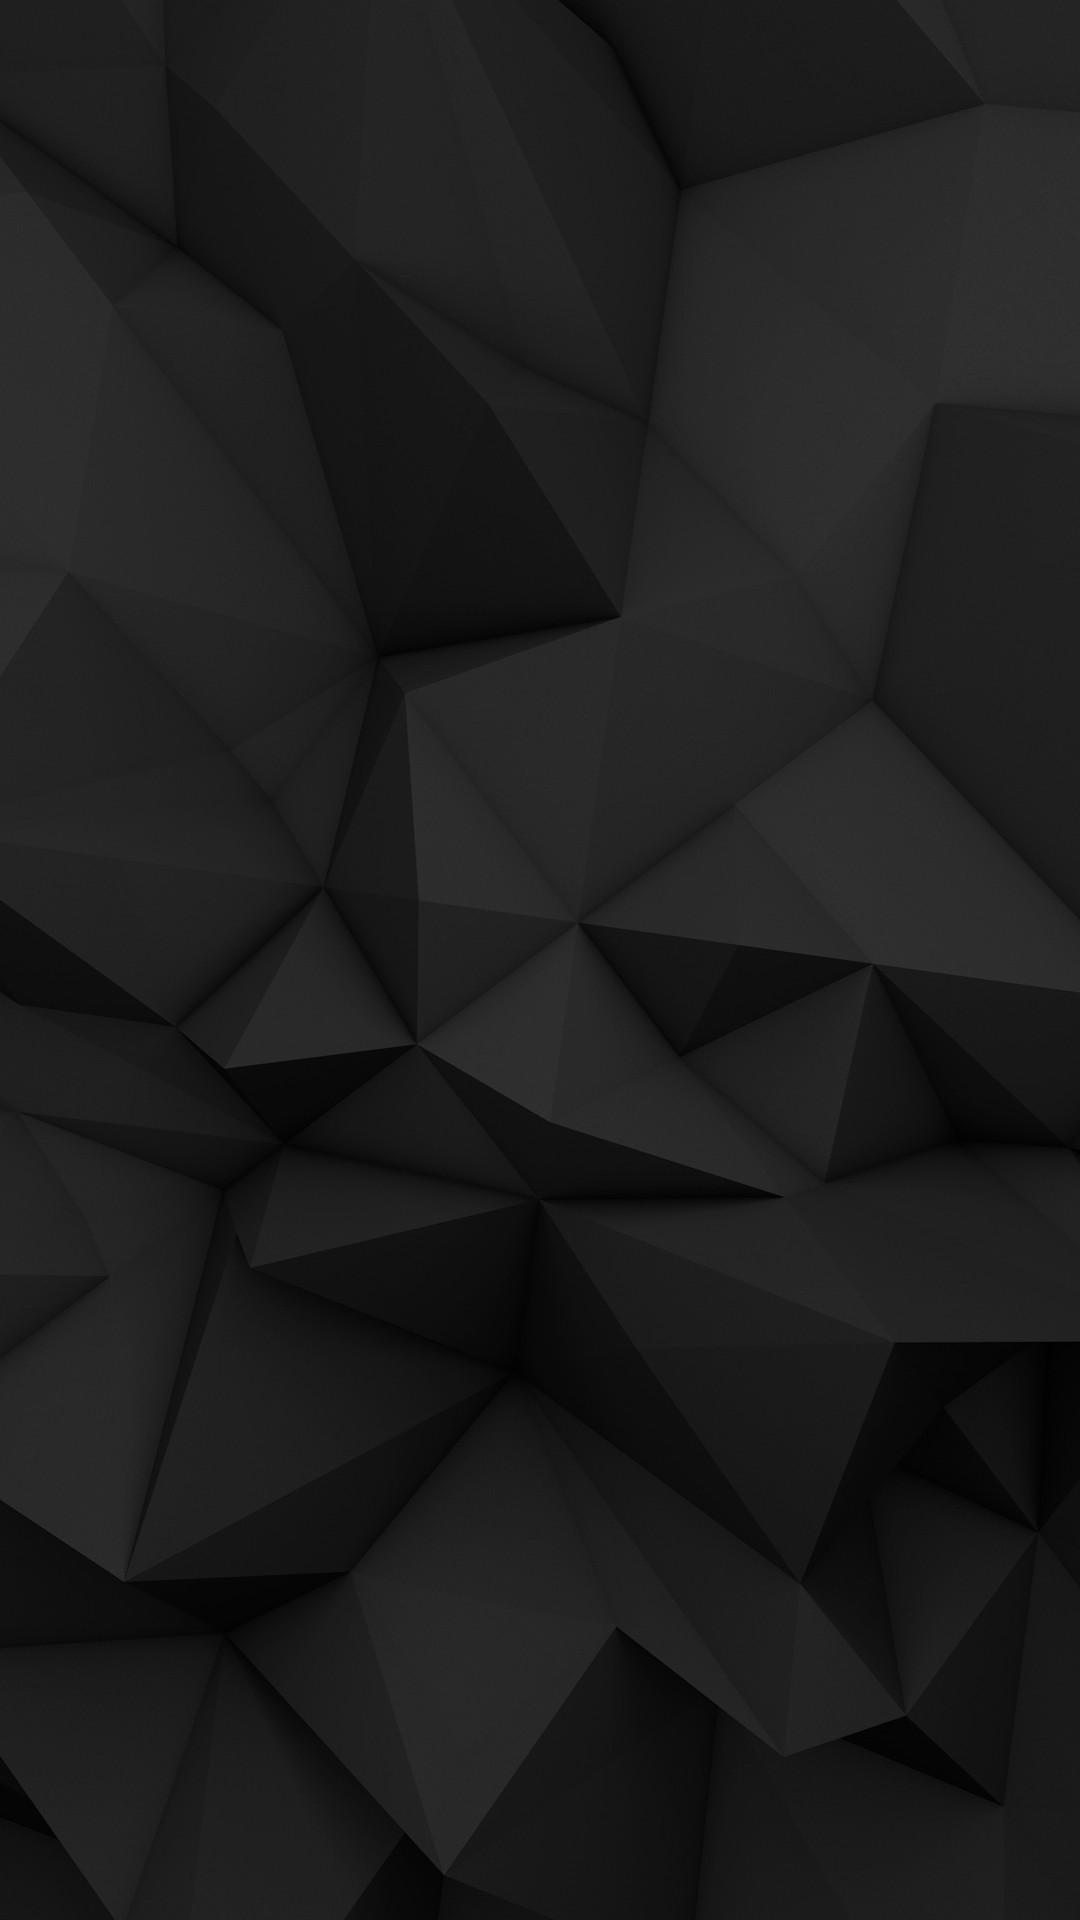 Black phone wallpaper ·① Download free beautiful High ...